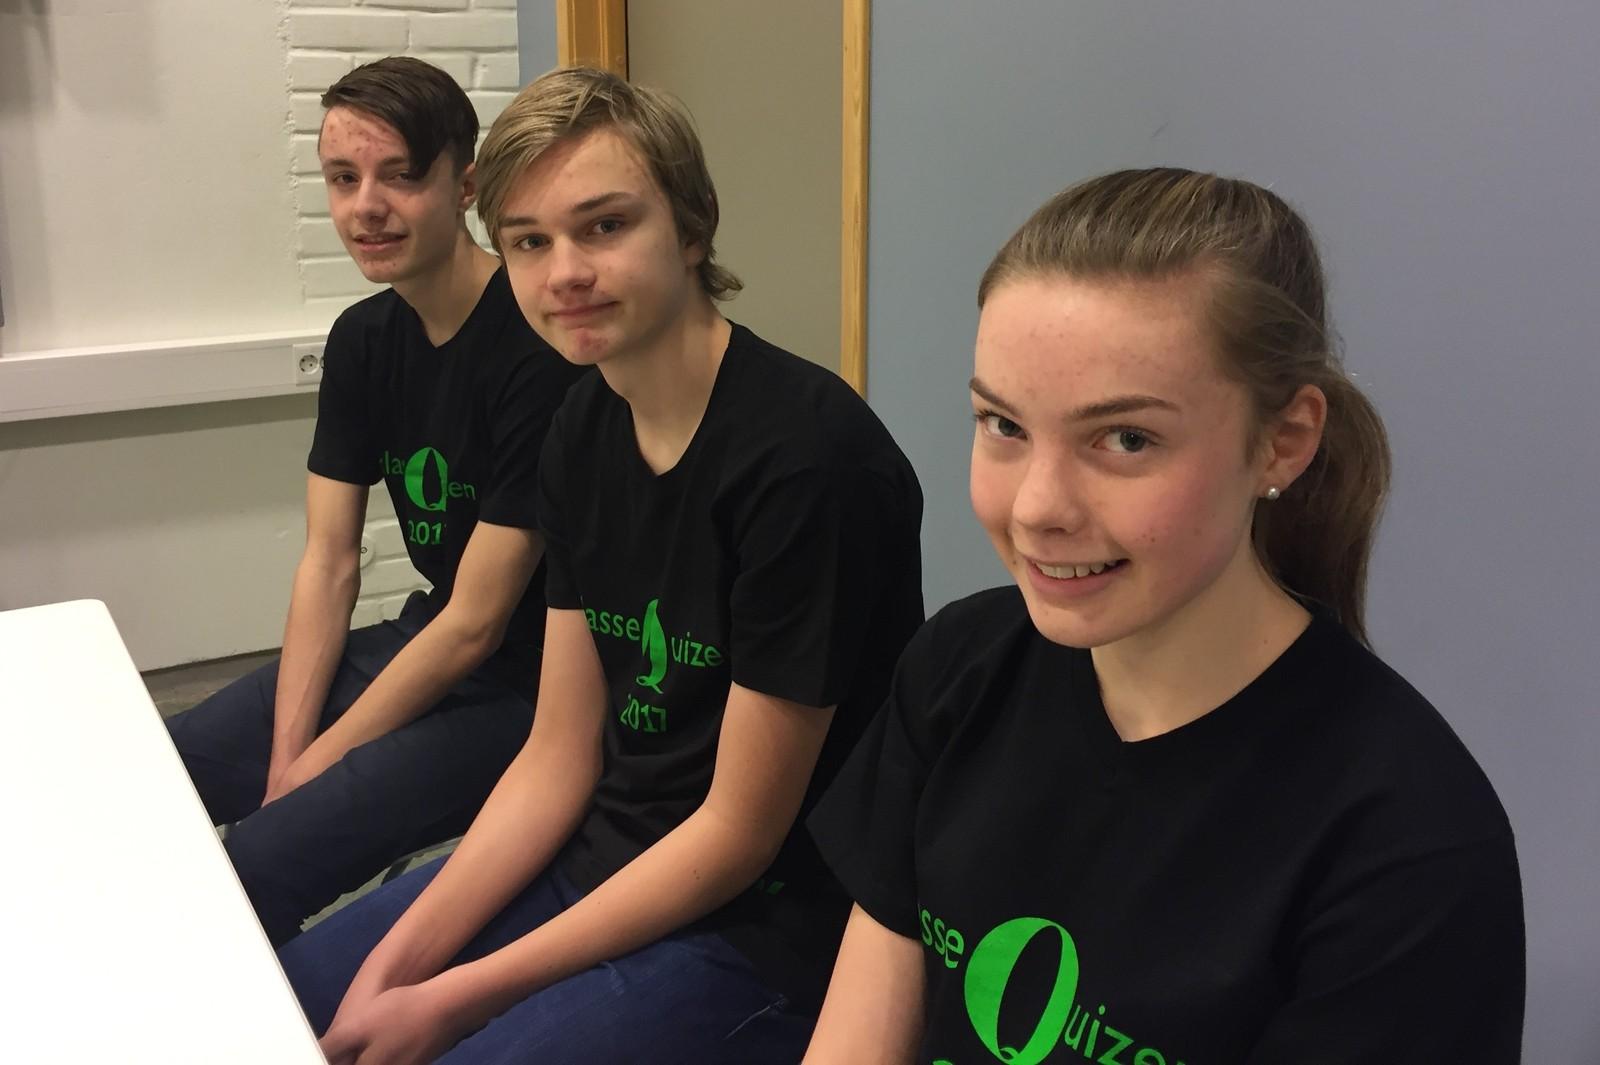 HOV SKOLE: Fra venstre ser vi Sigve Morken Lange, Norvald Sundan Meland og Ingeborg Aasen.